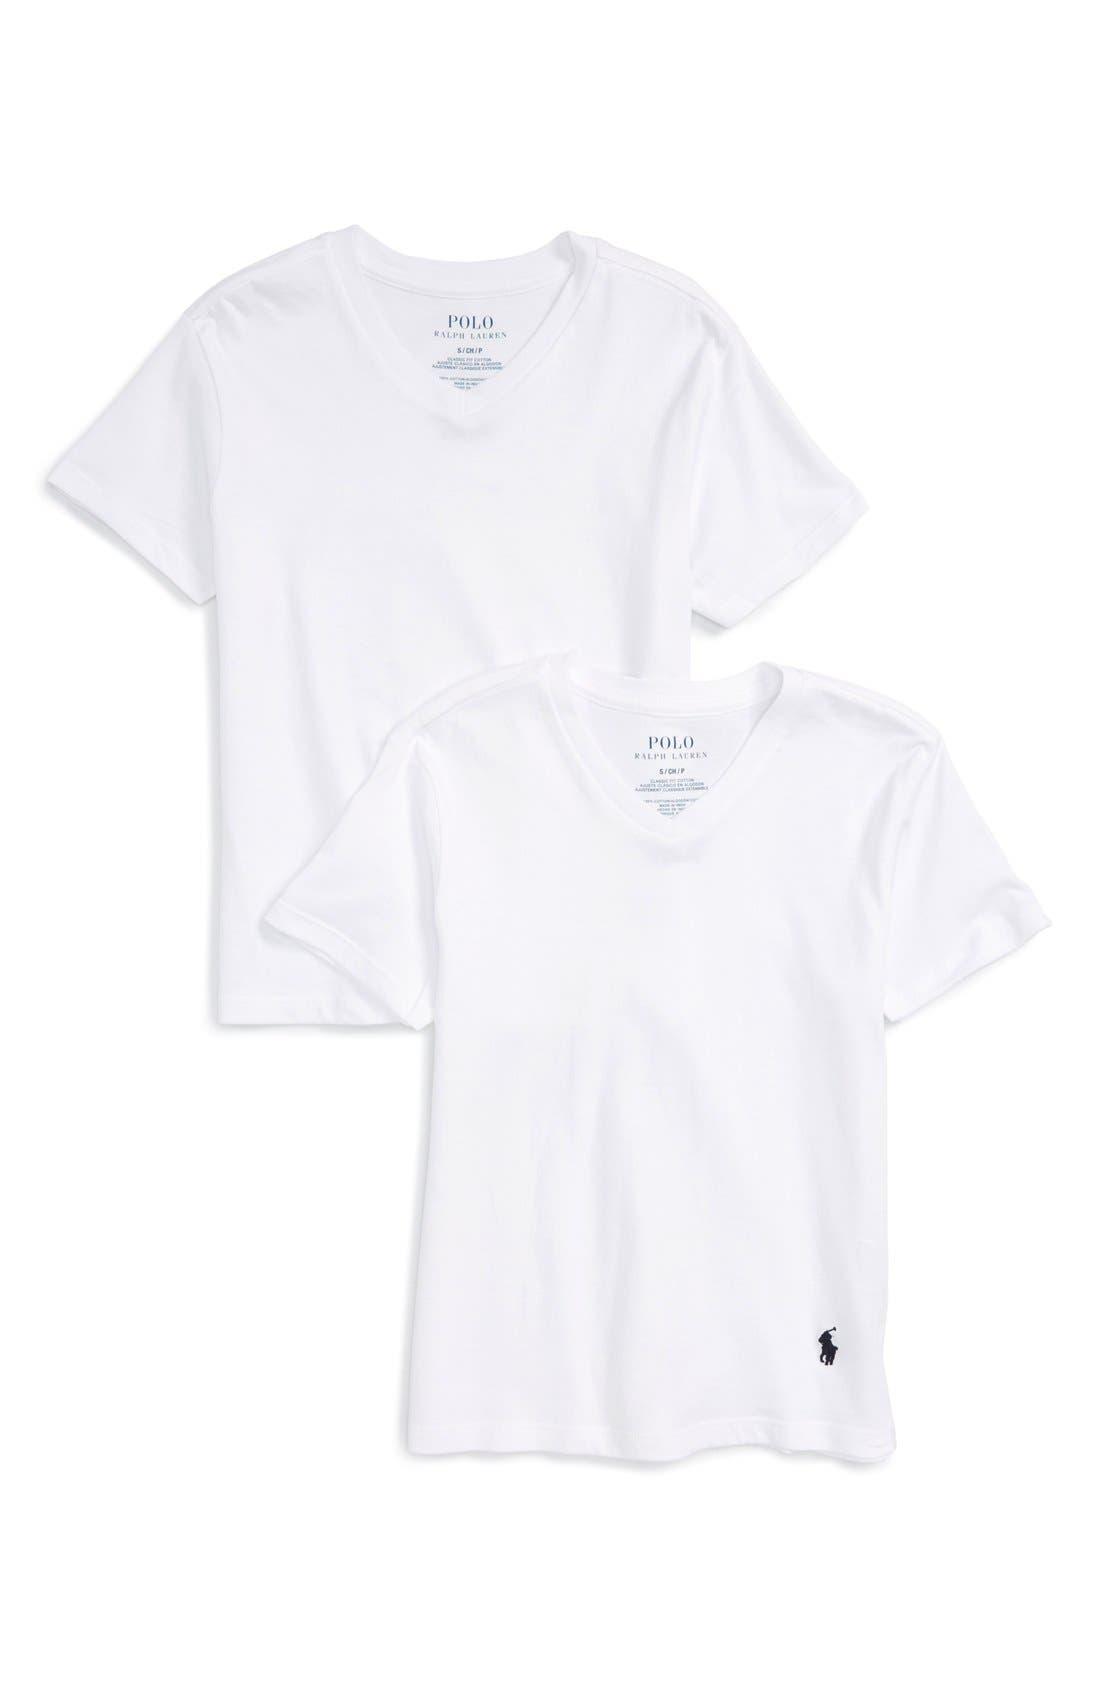 POLO RALPH LAUREN Ralph Lauren V-Neck T-Shirts